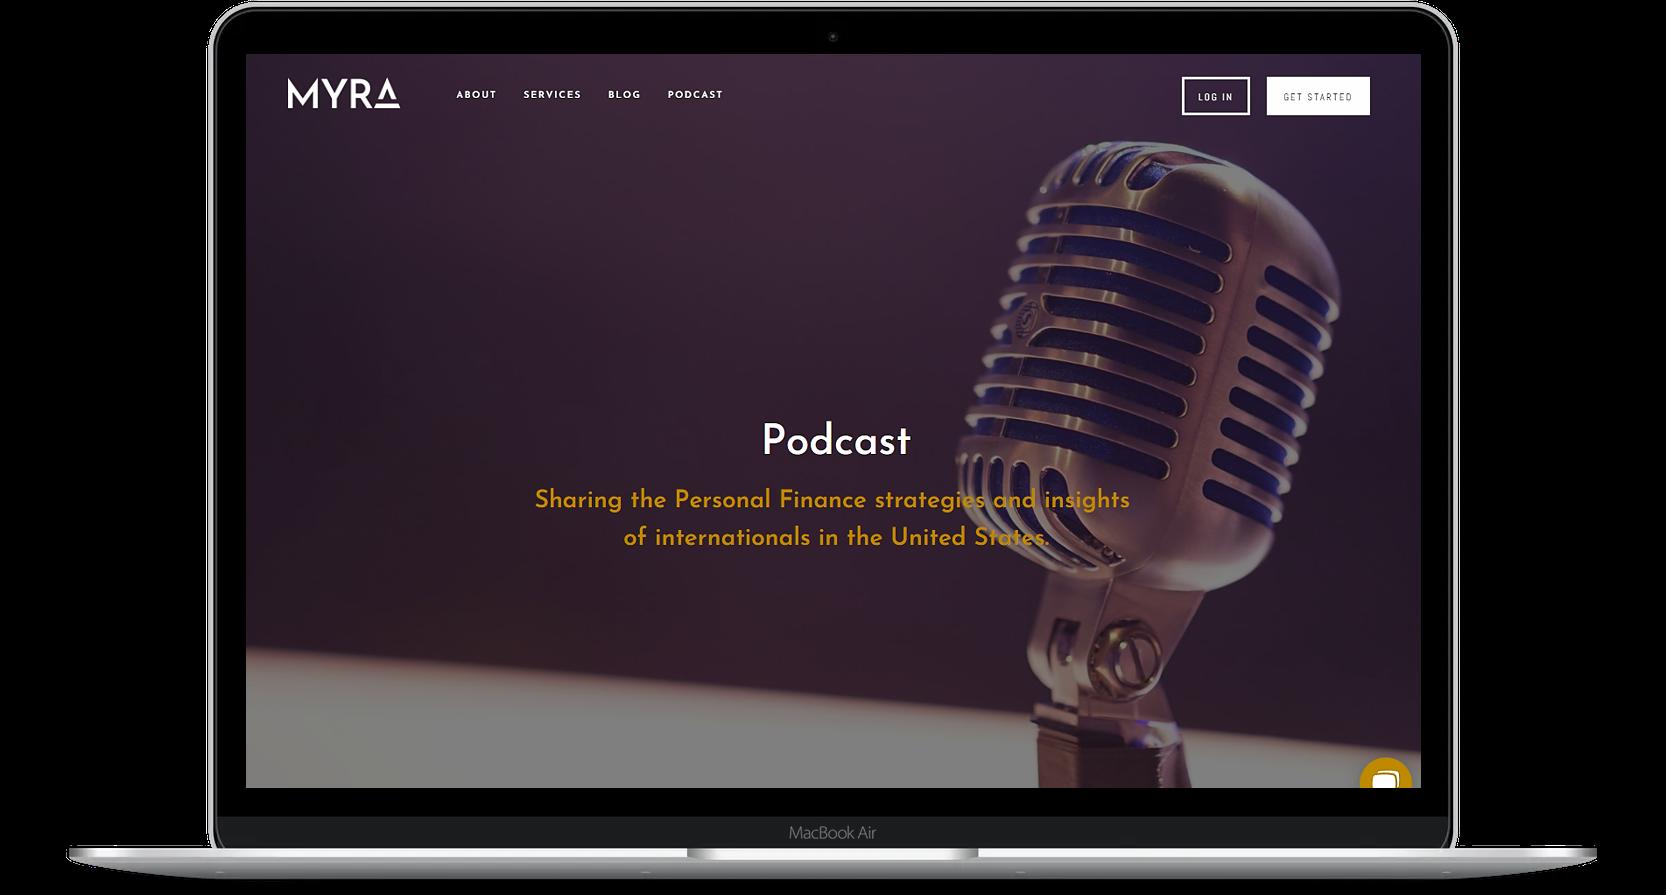 Myra Podcast